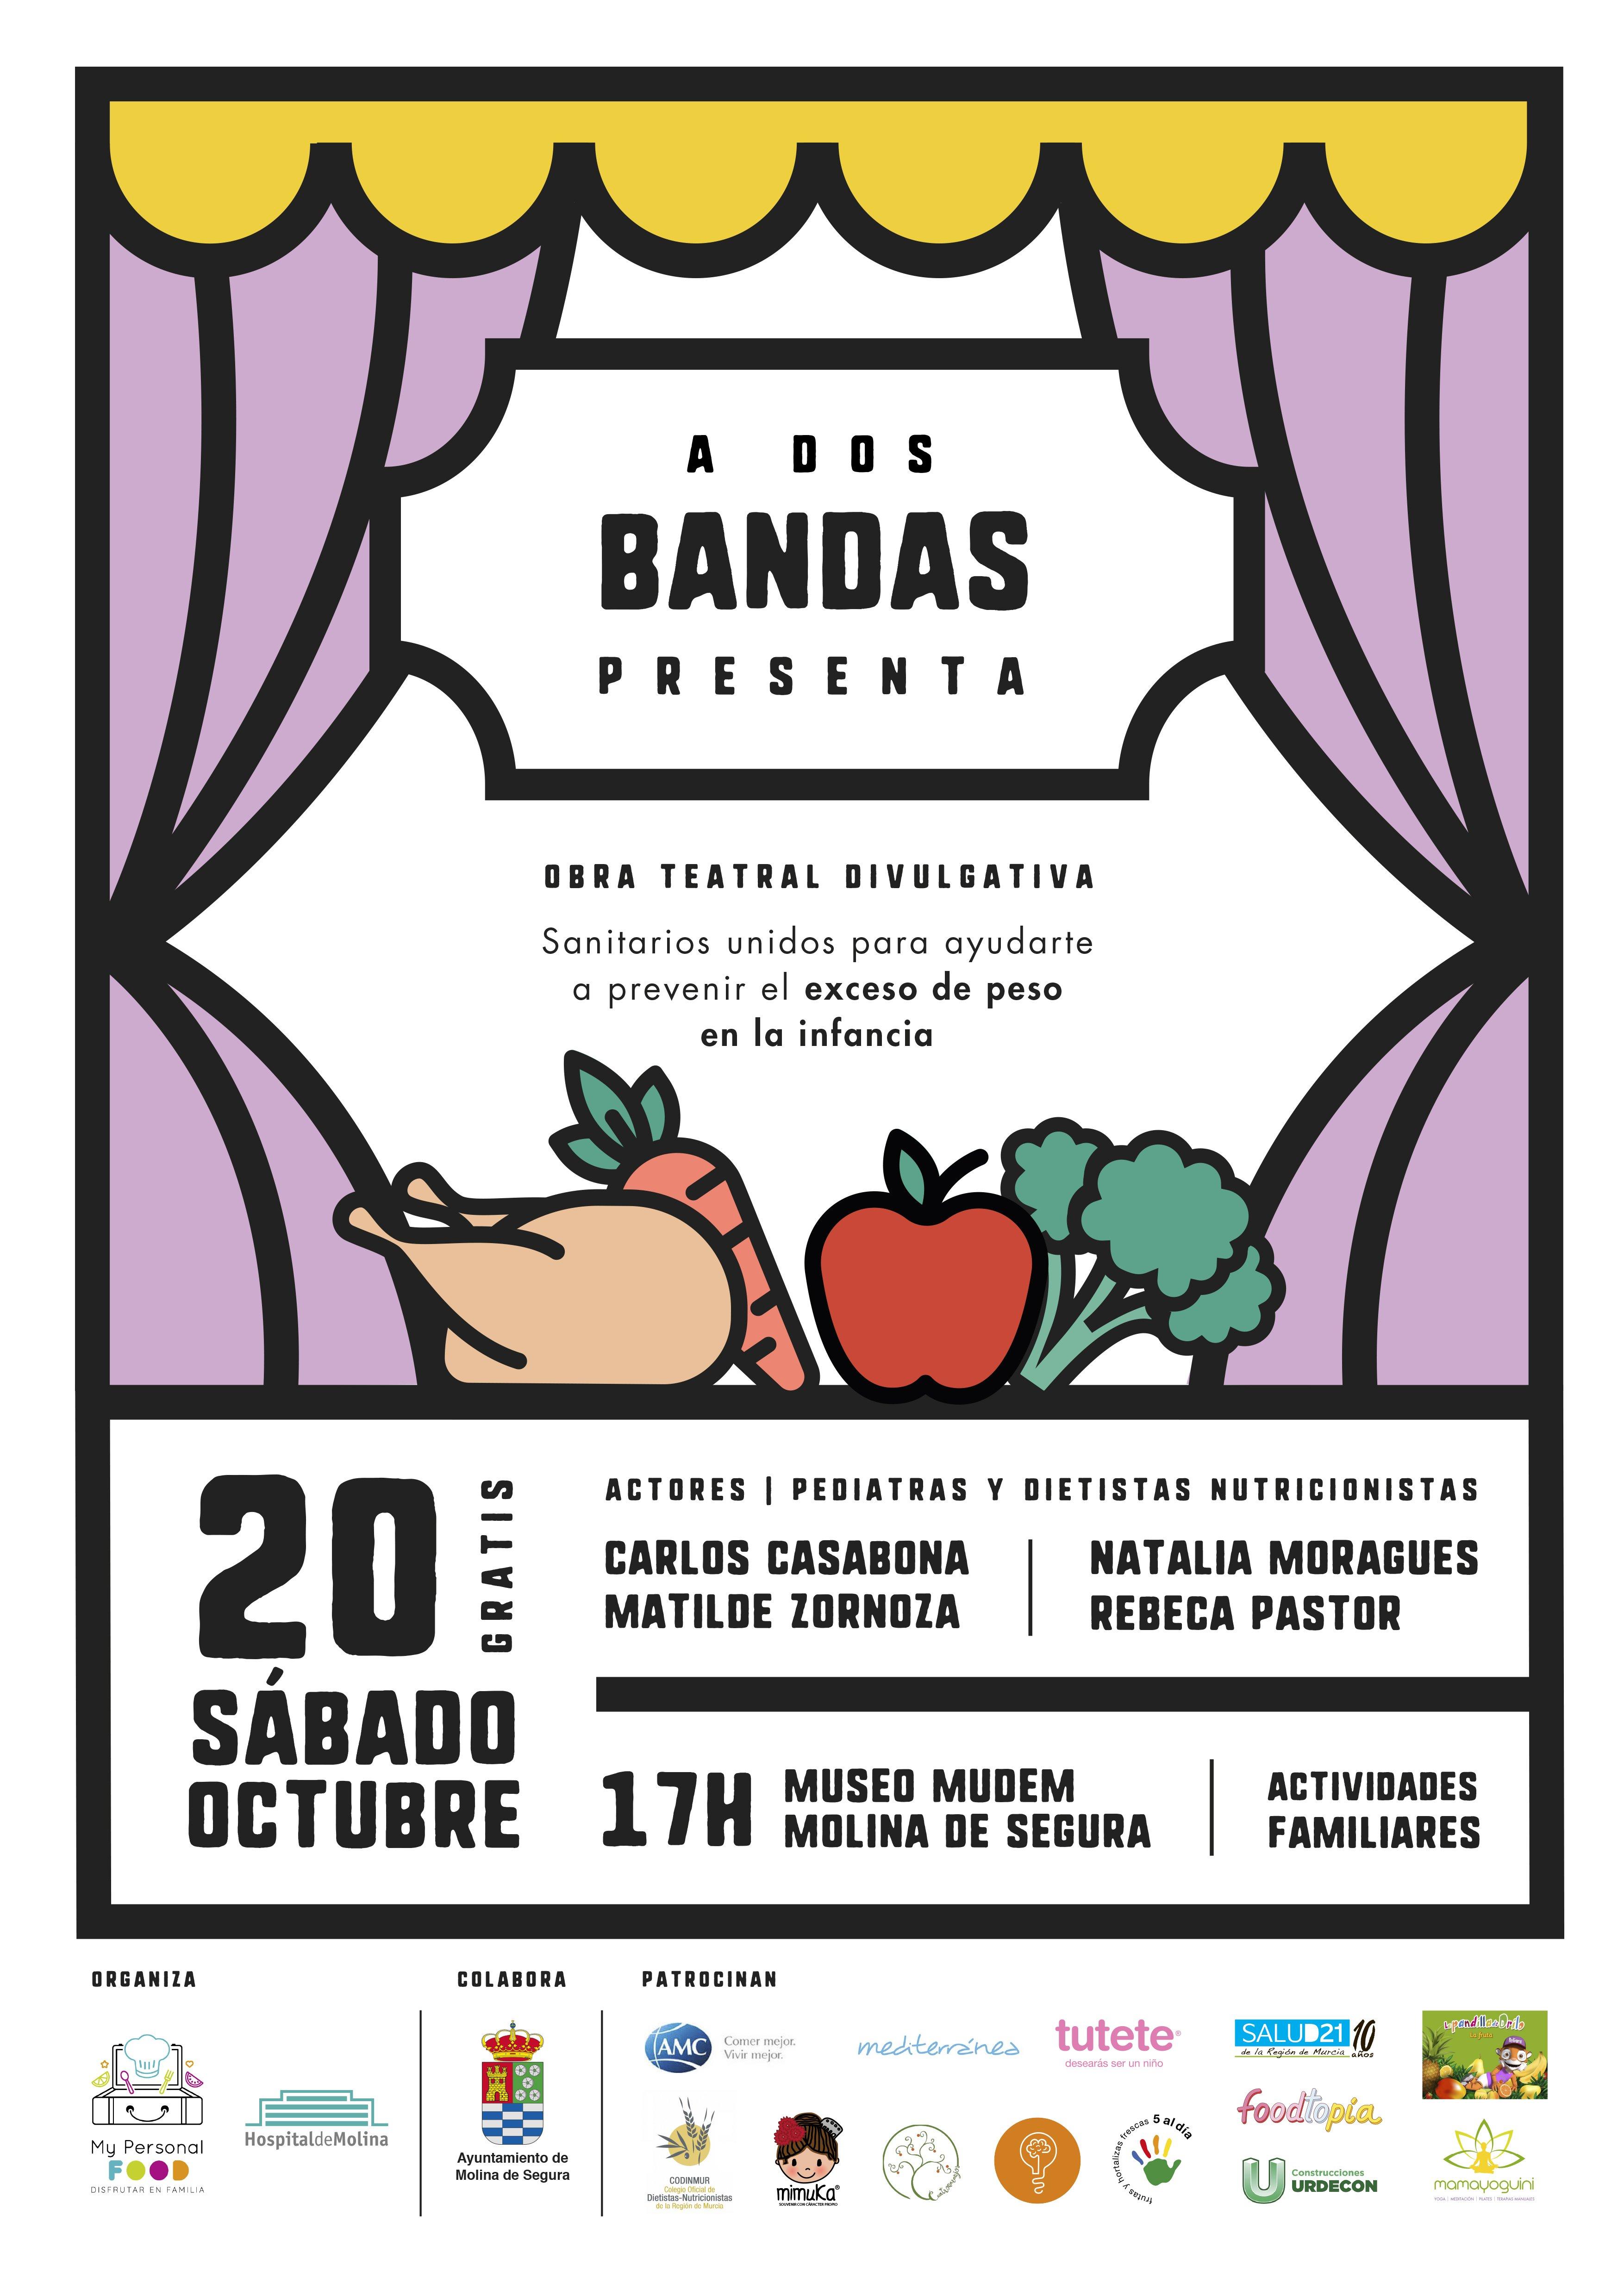 #ADosBandas: Family Evento Saludable para este finde en Molina de Segura